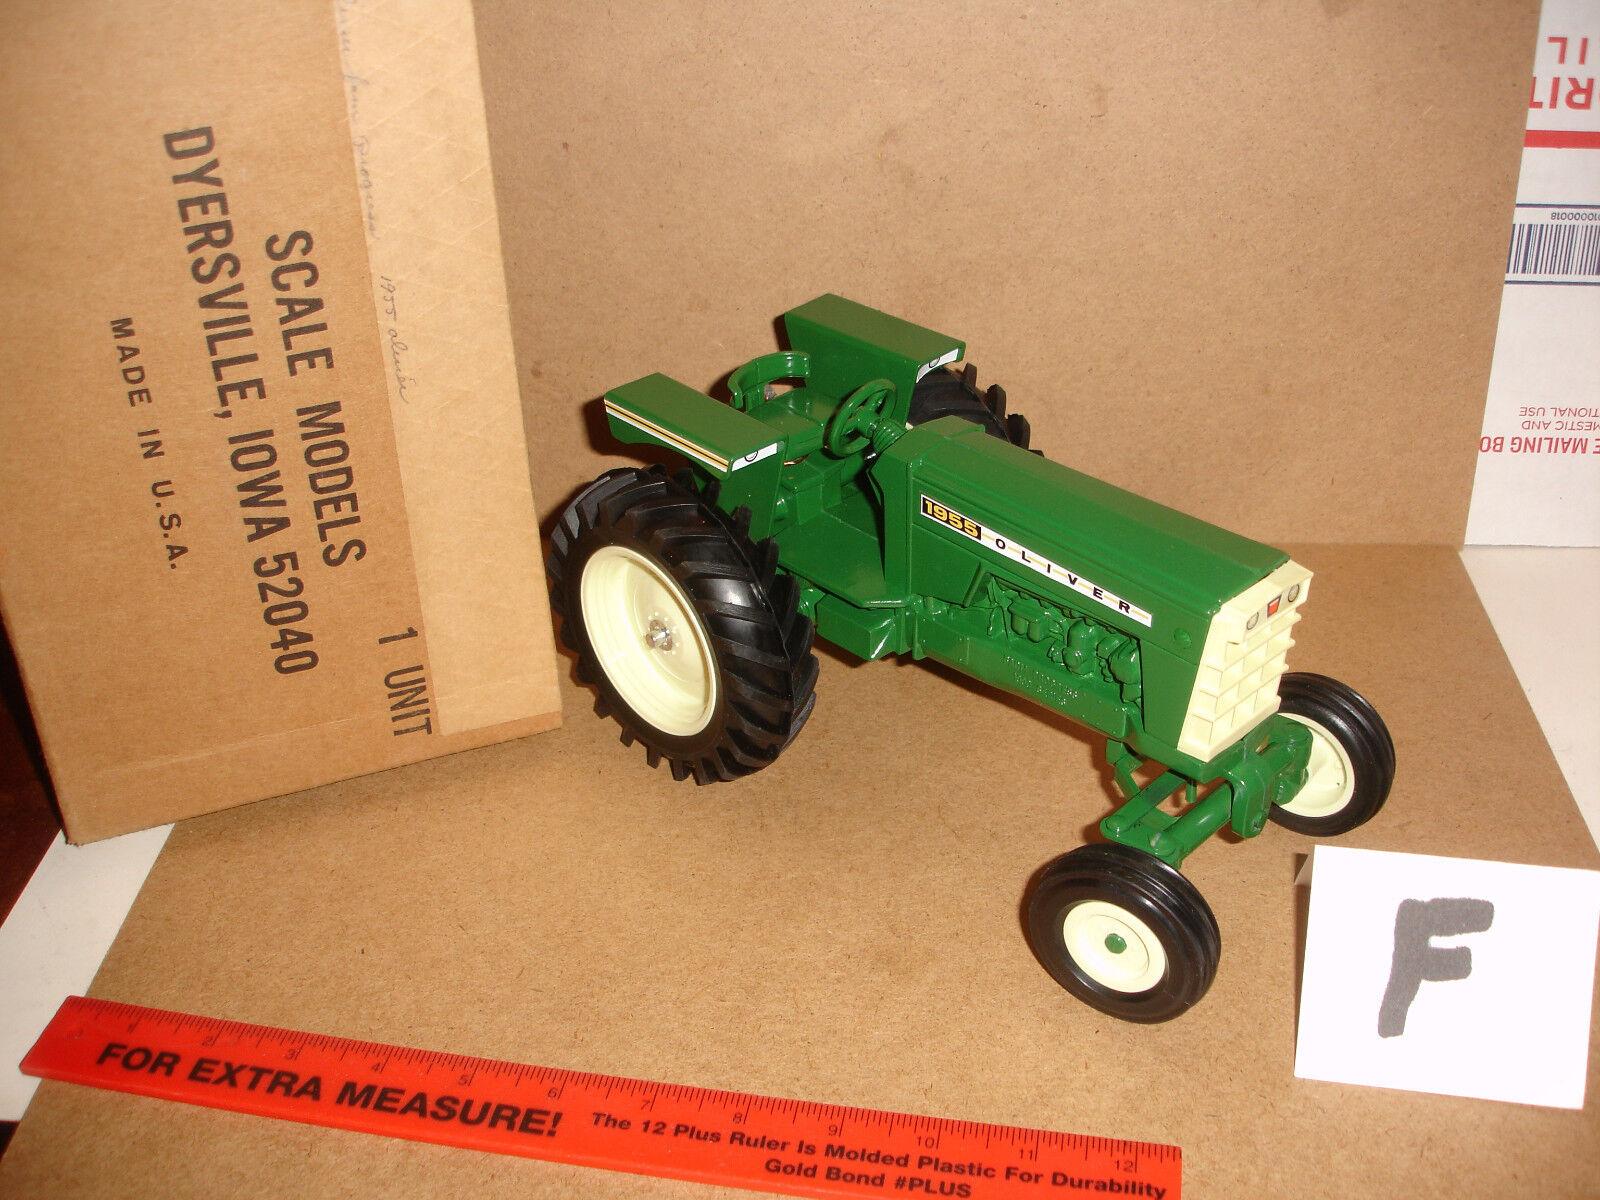 minorista de fitness 1 16 16 16 Oliver 1955 Tractor De Juguete  de moda